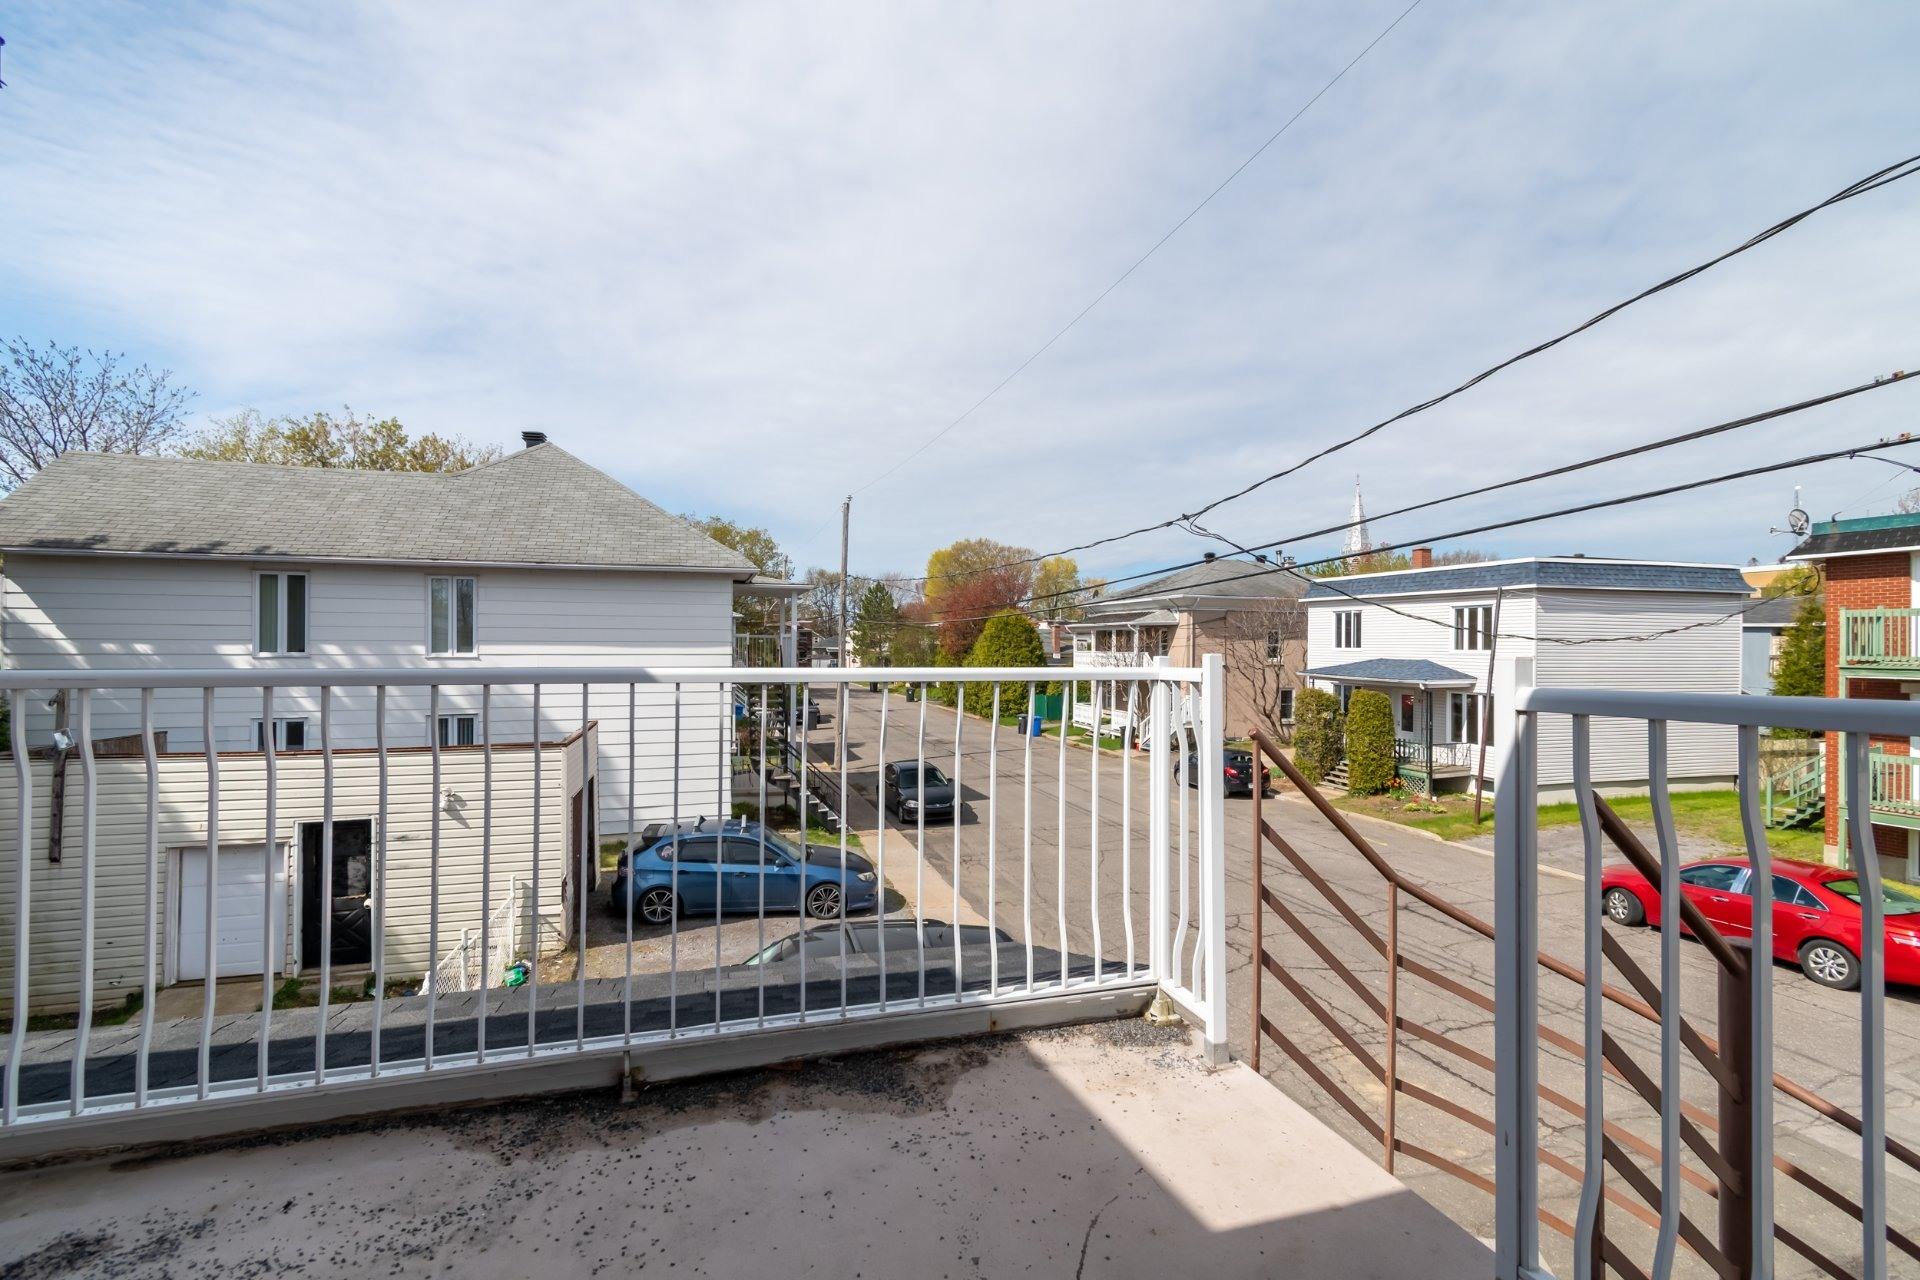 image 9 - Duplex À vendre Trois-Rivières - 4 pièces